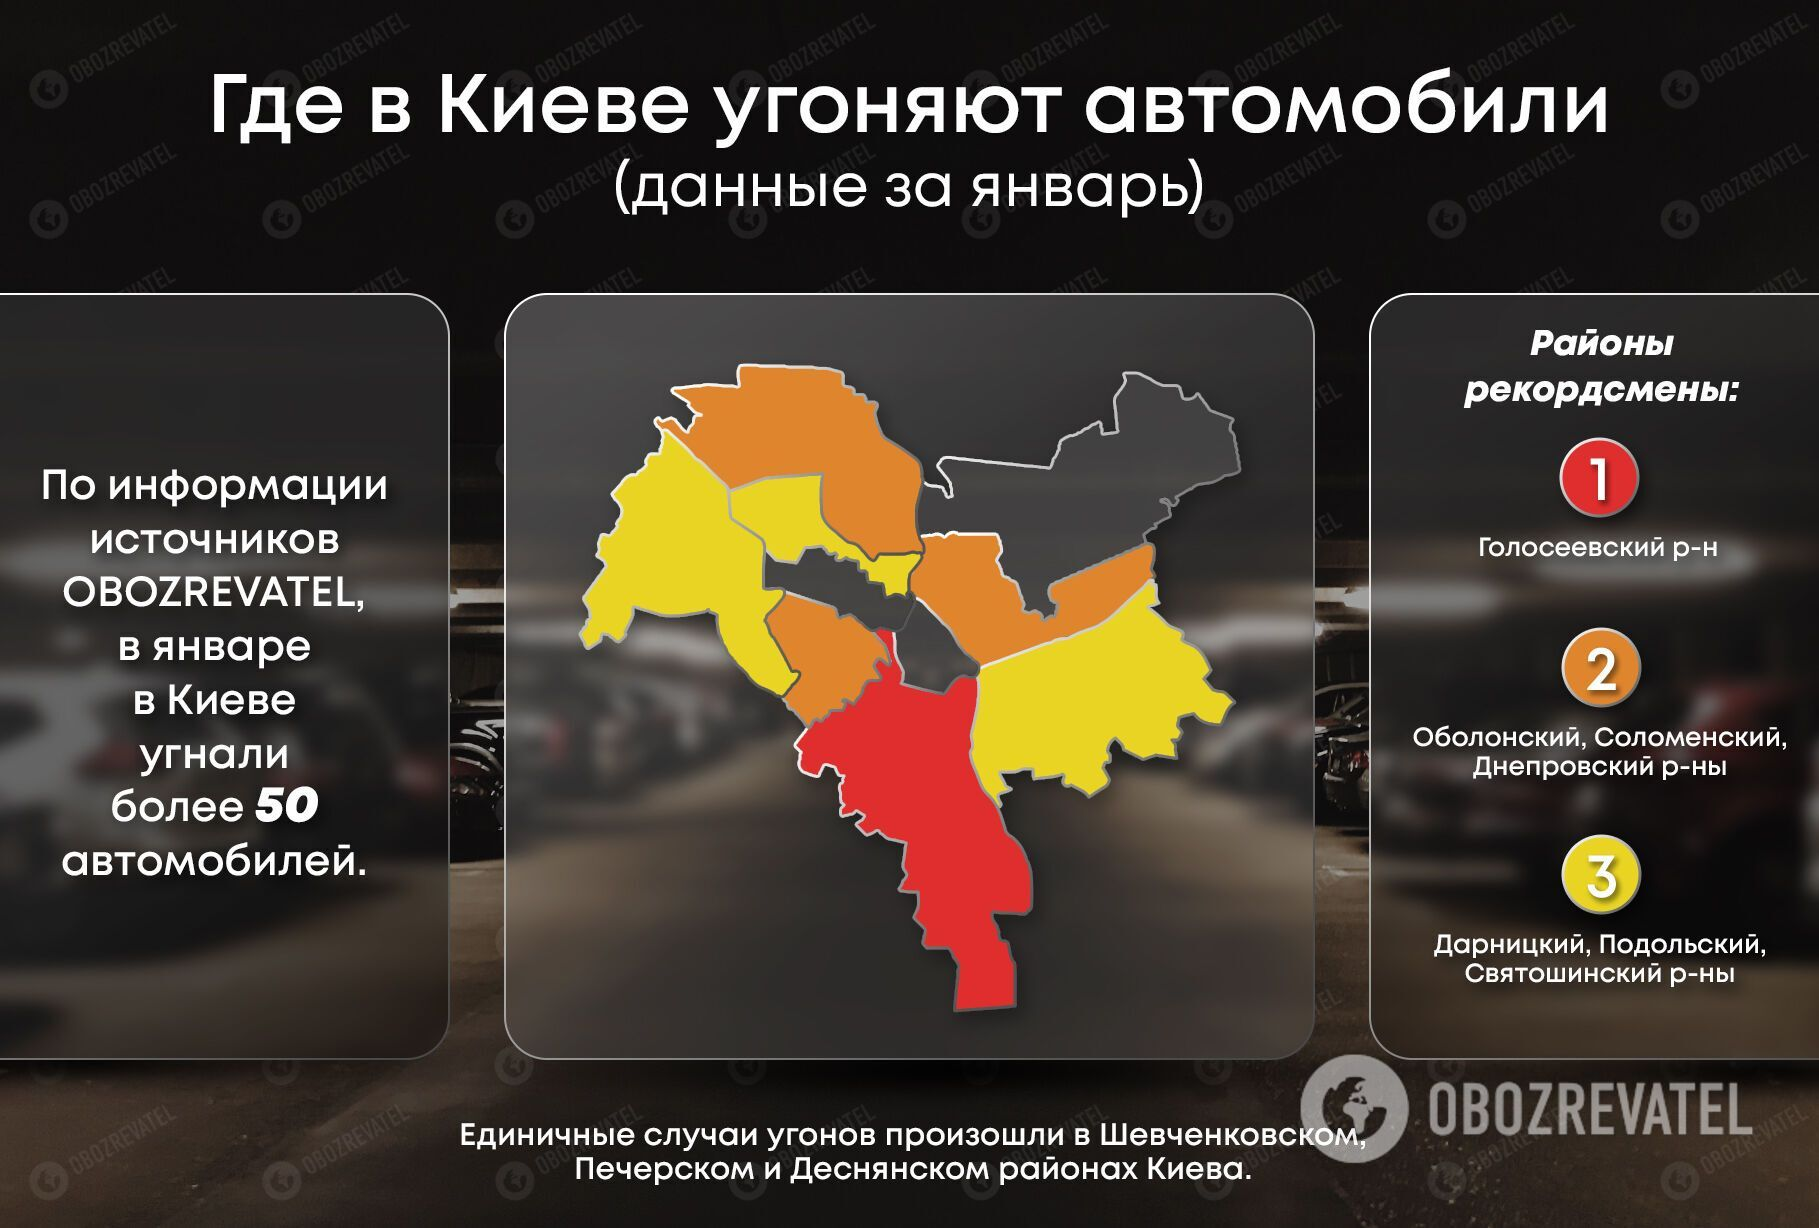 Где больше всего угоняют автомобилей